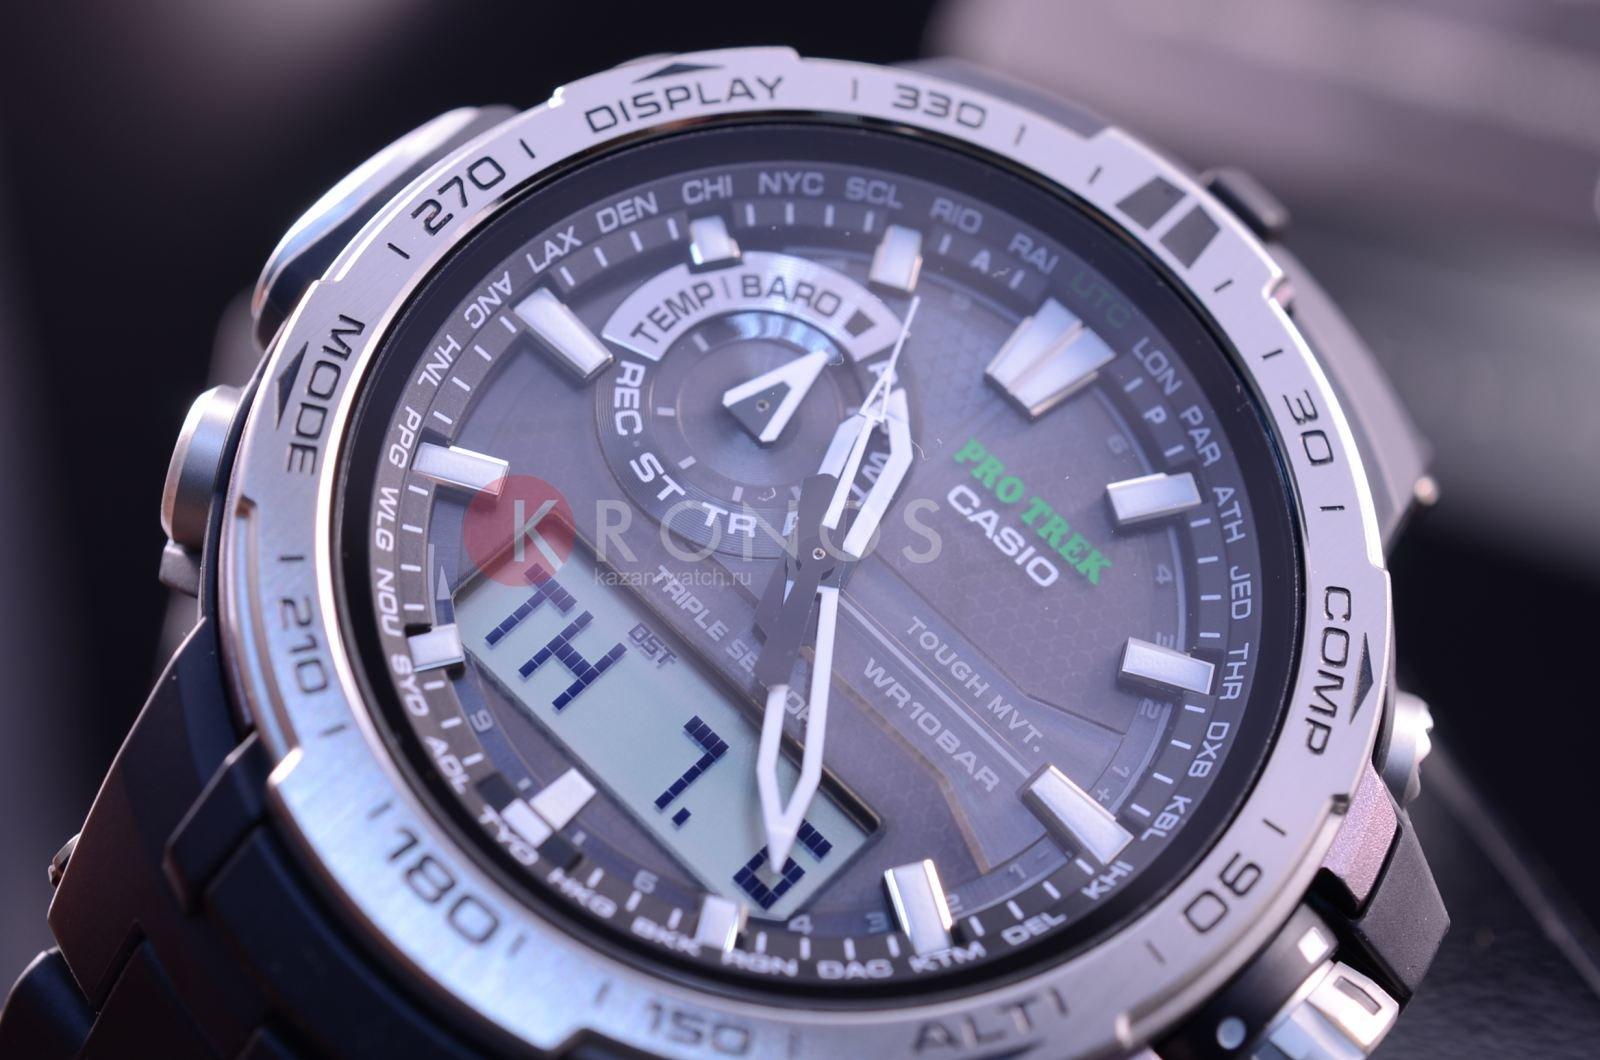 Производитель выпускается электронные и аналоговые, классические и профессиональные часы различных фасонов и габаритов.